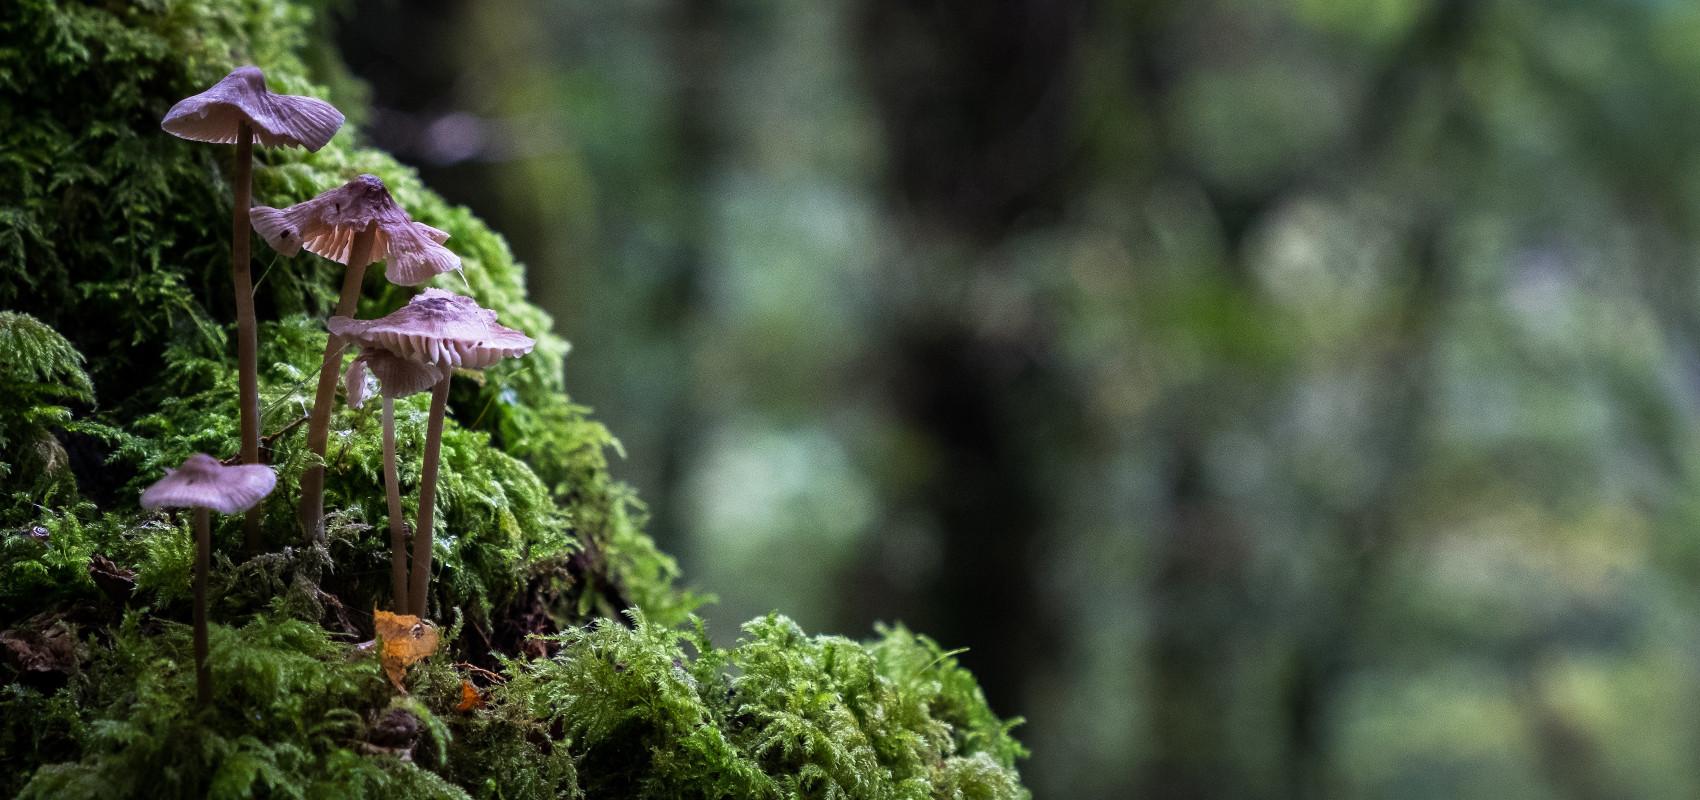 Mikoryza, czyli na czym polega partnerstwo grzybów i roślin